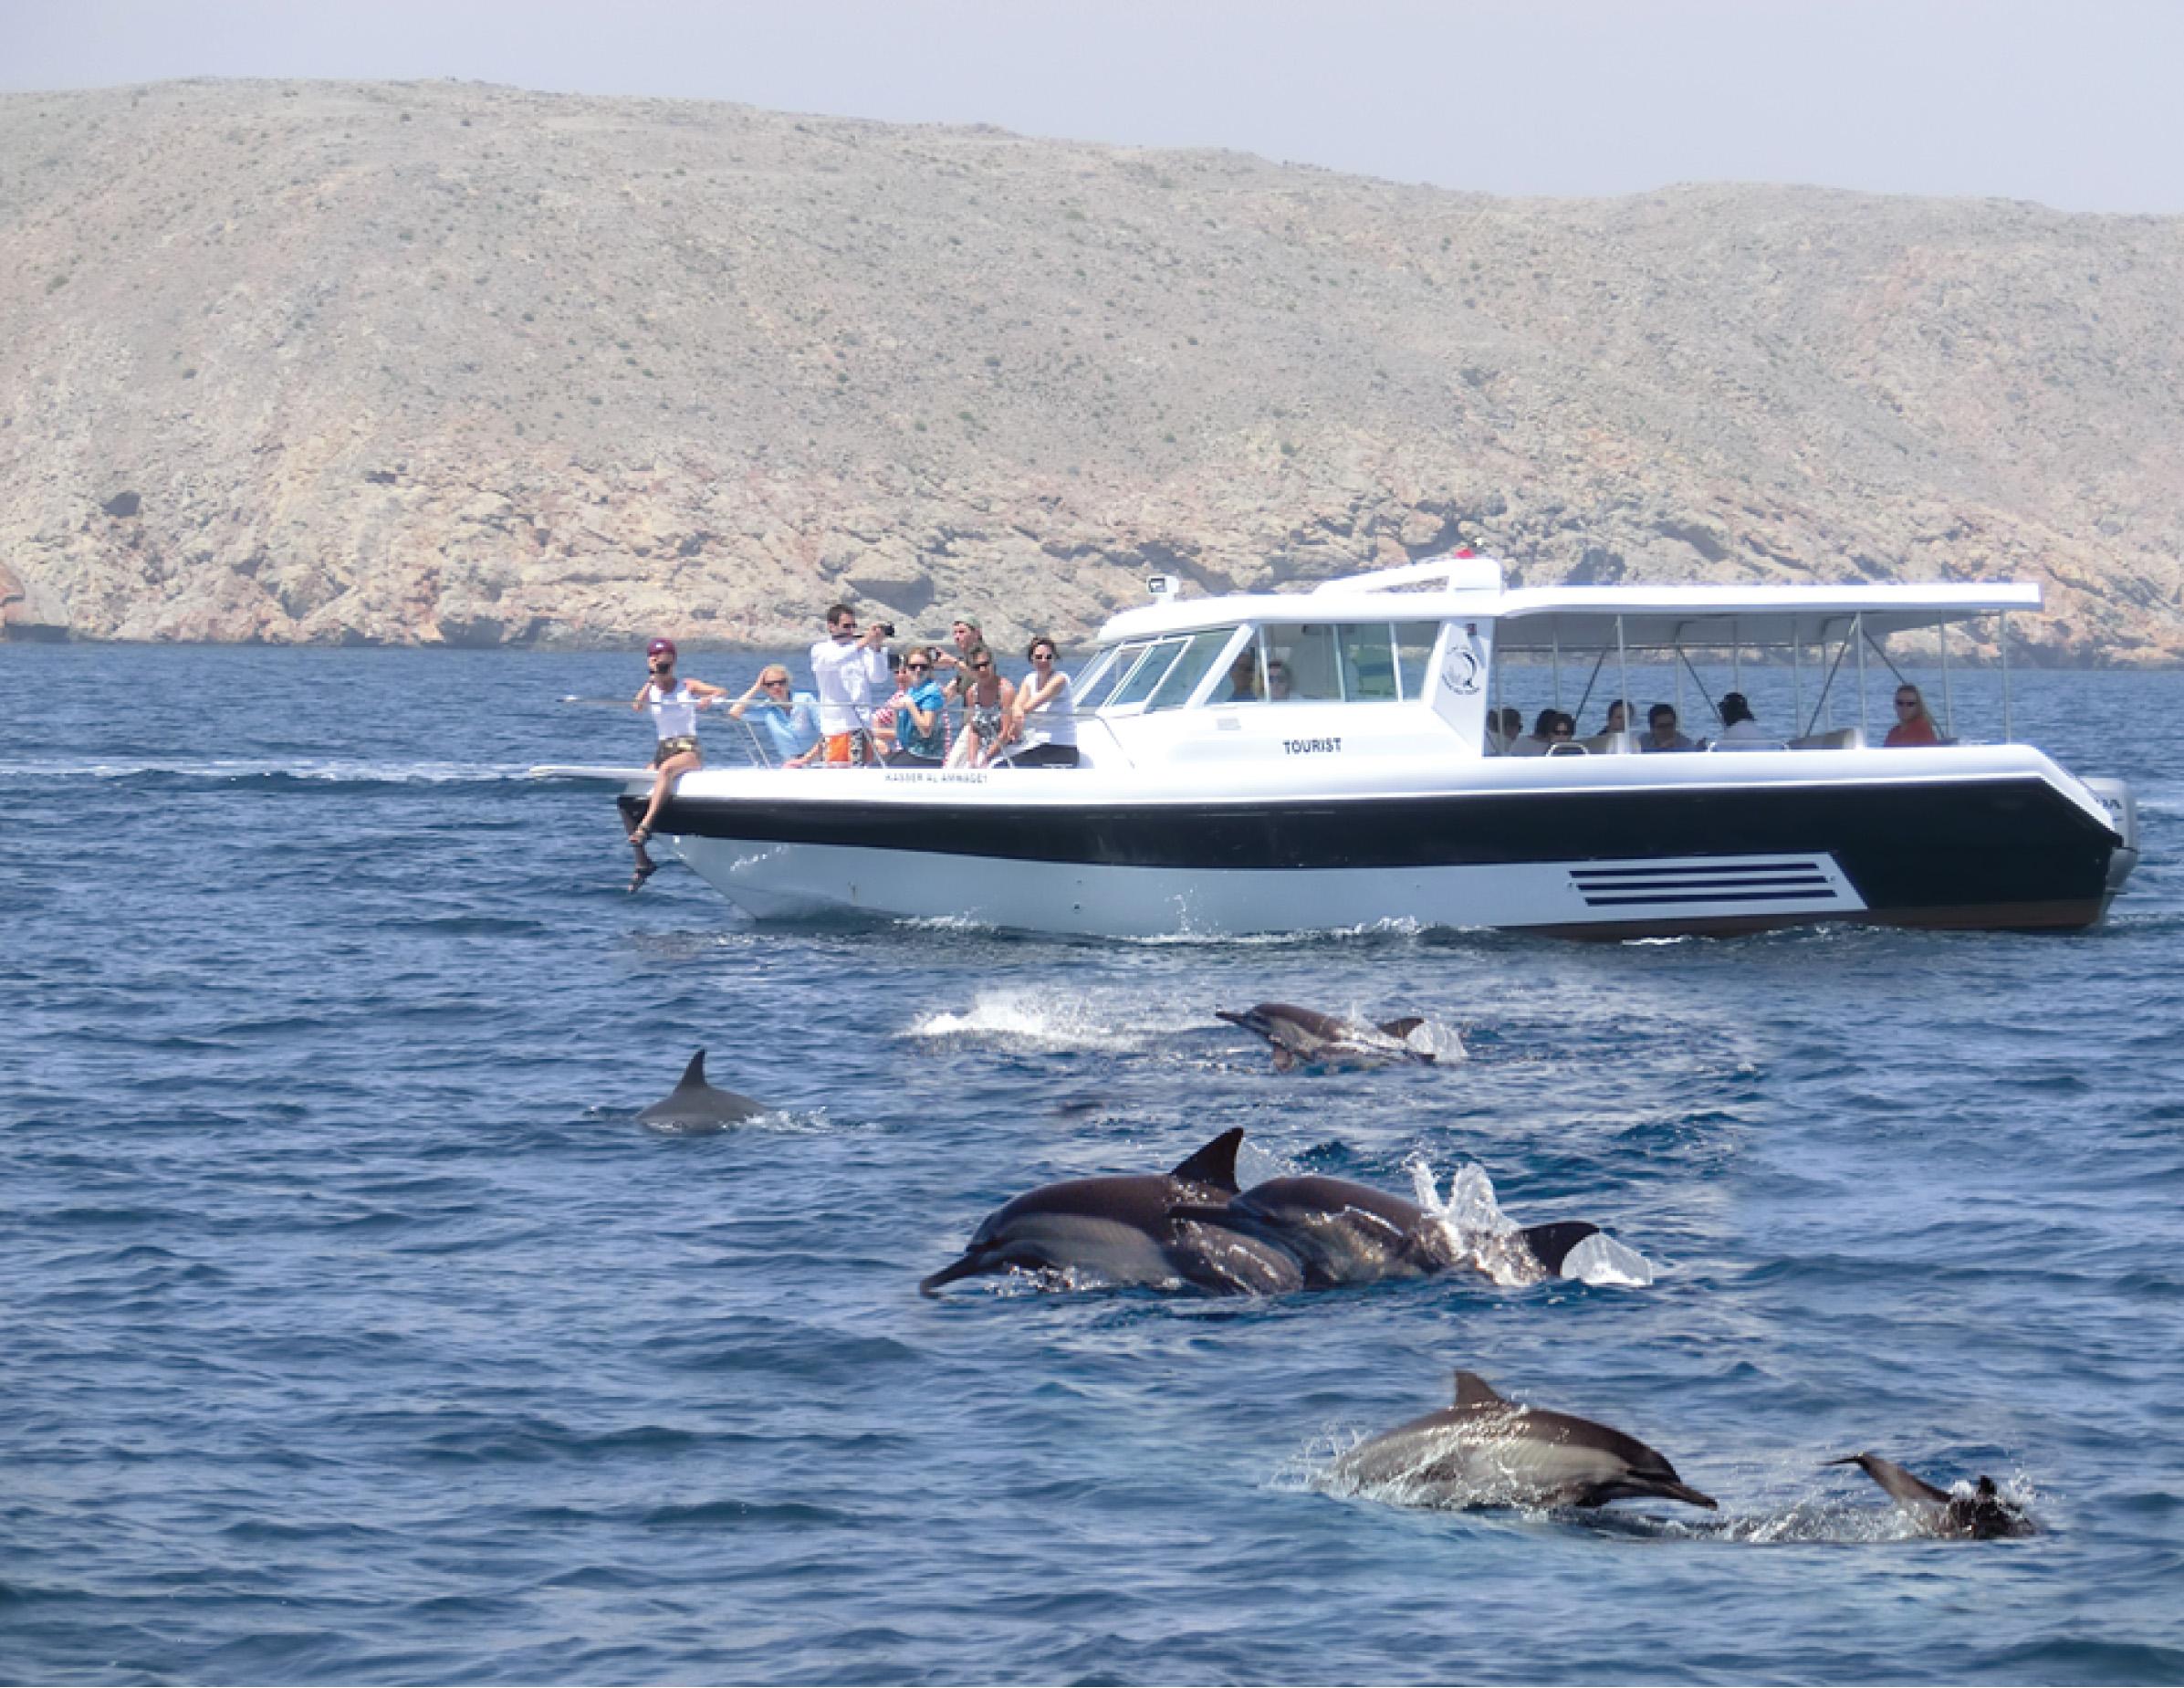 Muscat: Erst Defline bestaunen, später selbst das Wasser erkunden